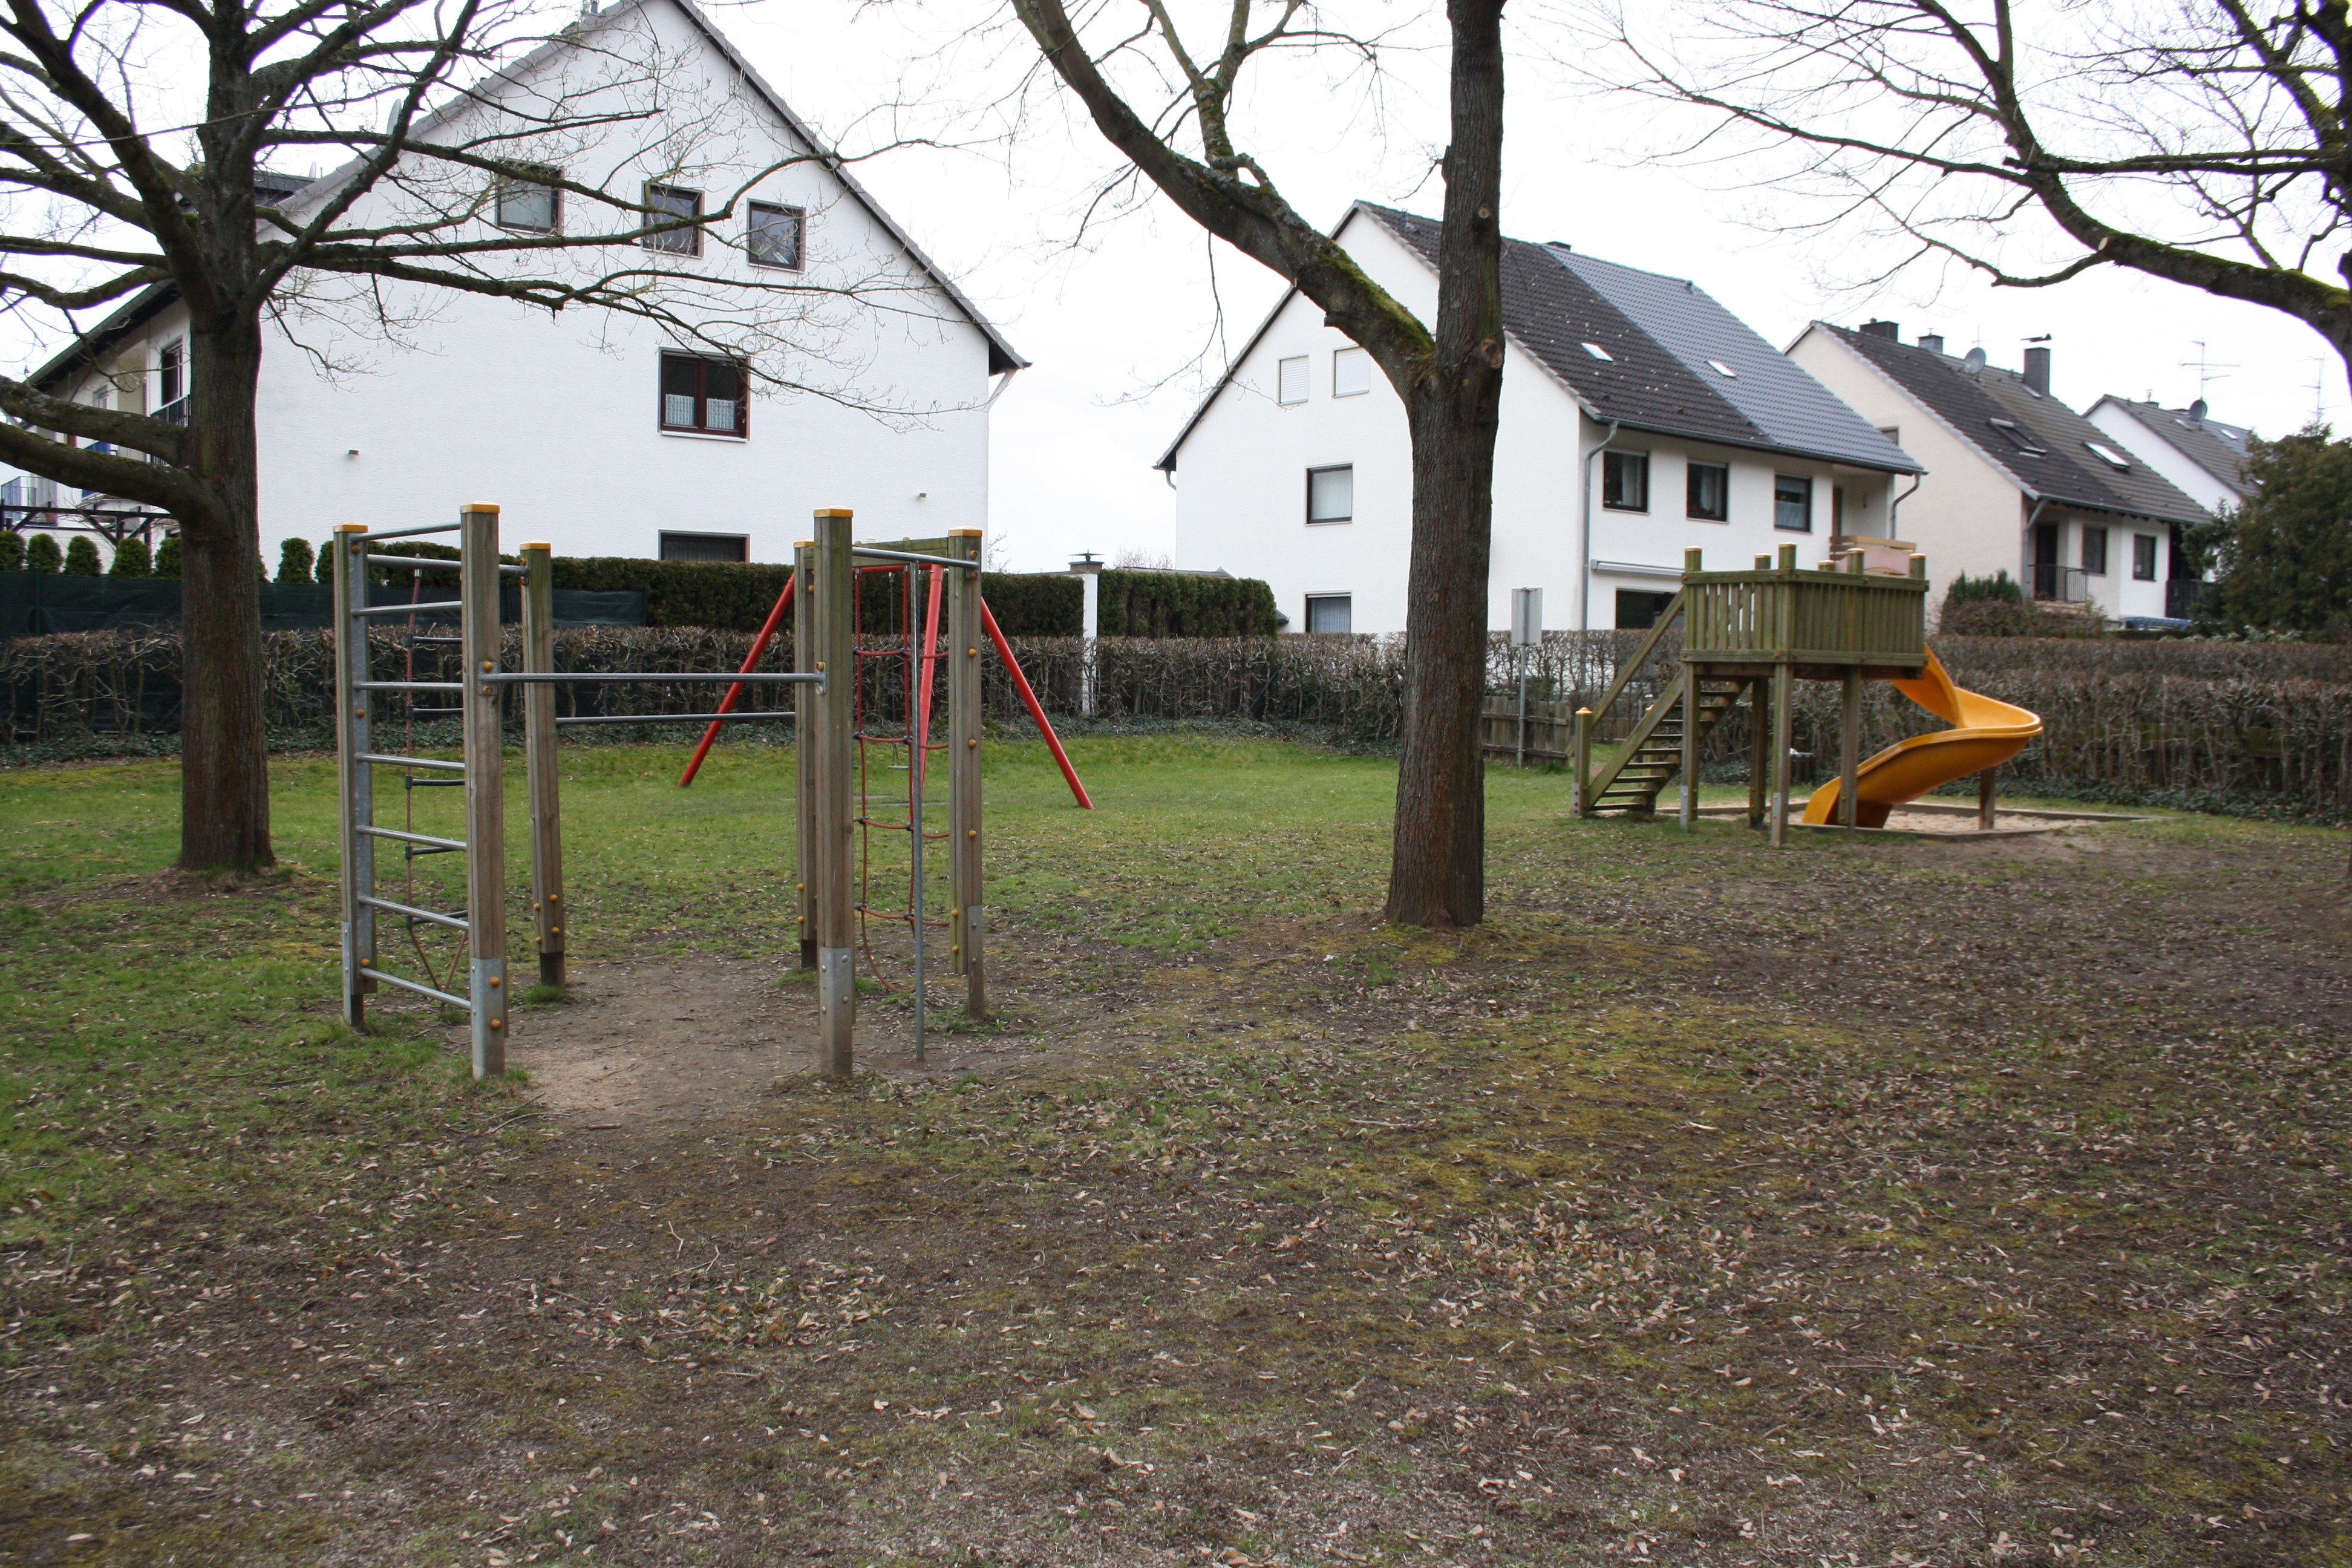 Klettergerüst Metall Spielplatz : Spielplatz buschhoven u wiedring bürger für swisttal